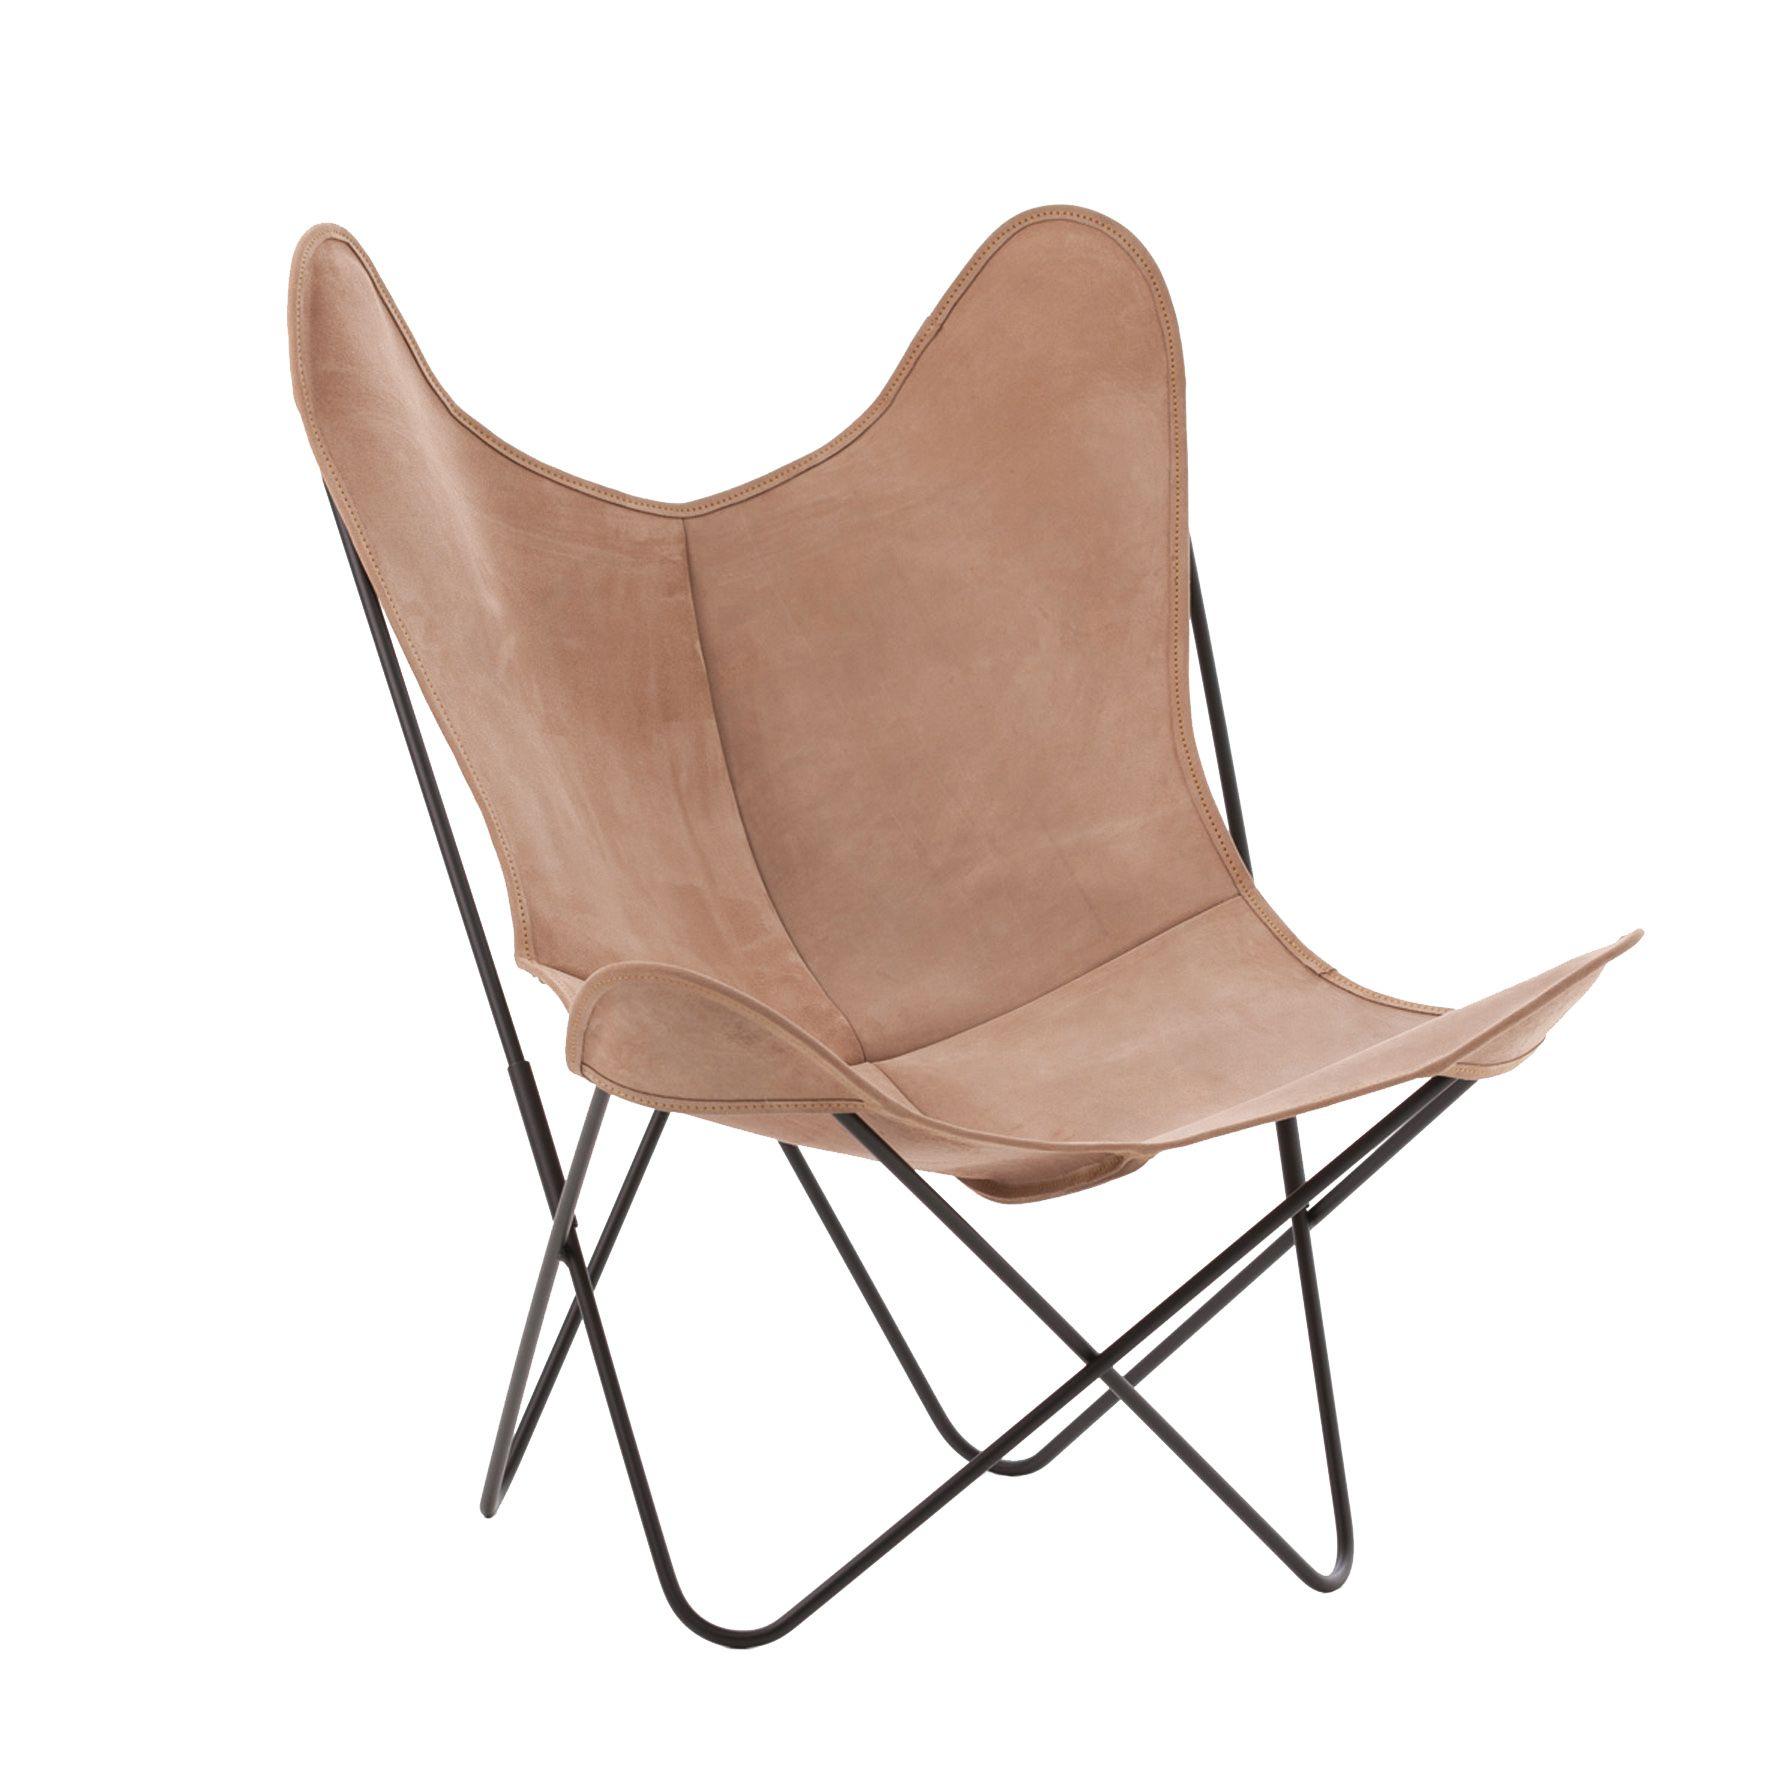 fauteuil aa butterfly by airborne mod le lodge midiune mobilier industriel et vintage. Black Bedroom Furniture Sets. Home Design Ideas